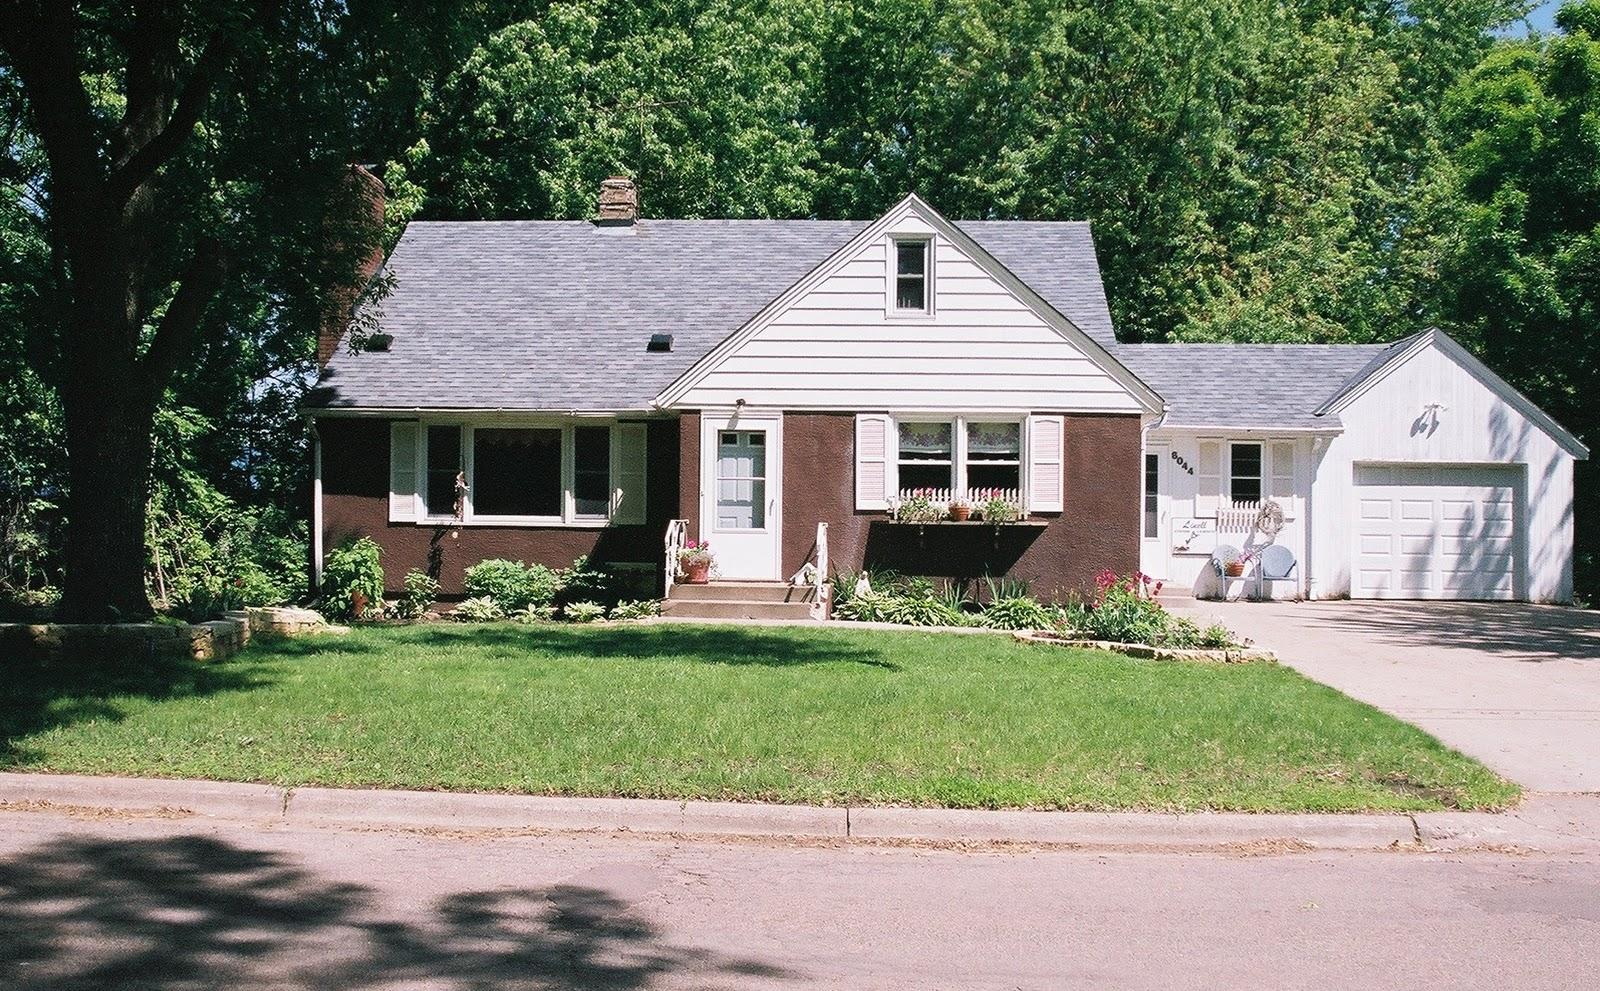 Home Exterior Facelift; Adding A Porch